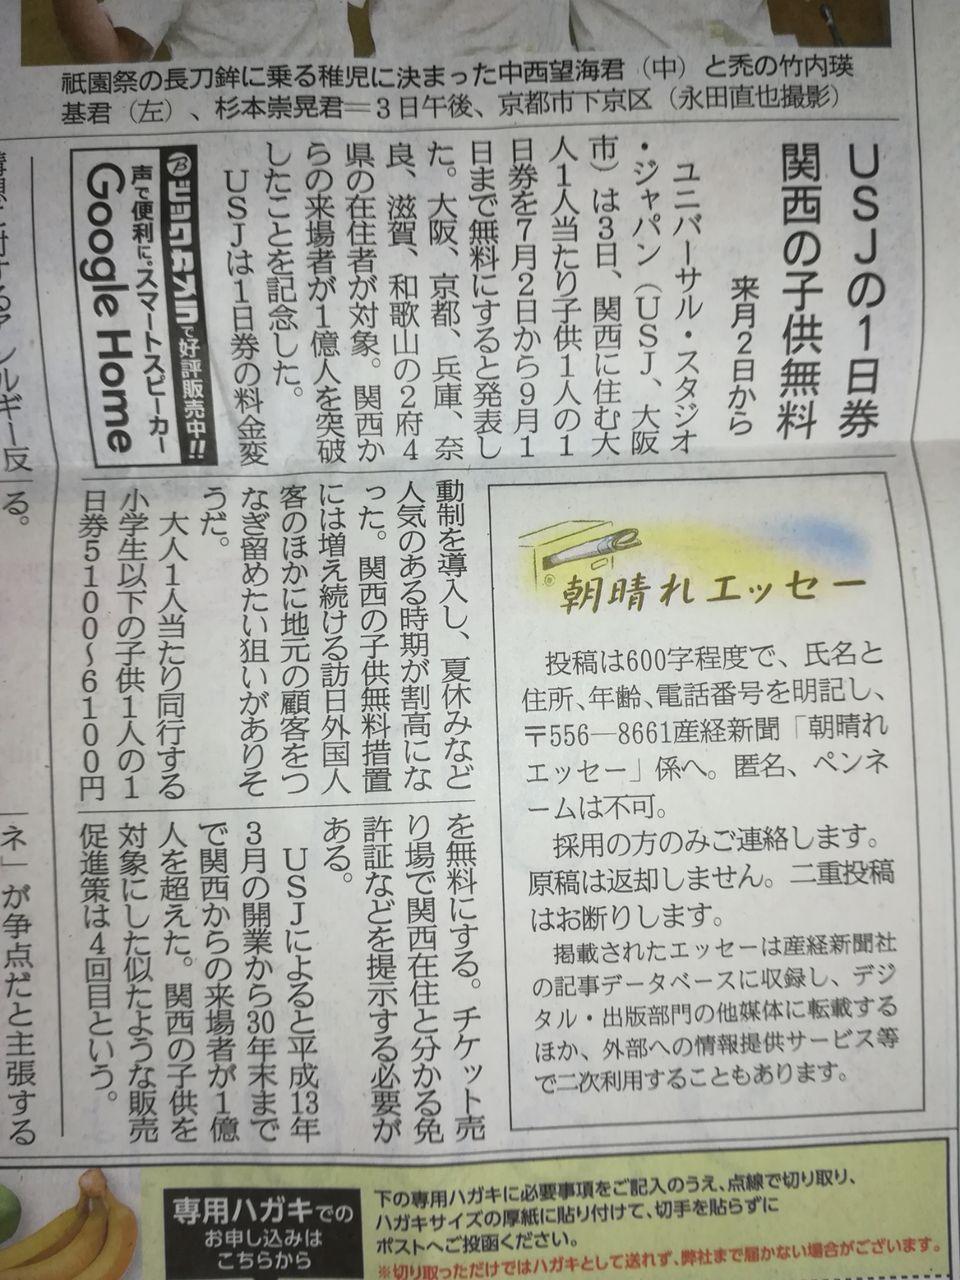 ユニバーサル スタジオ ジャパン 子供 無料